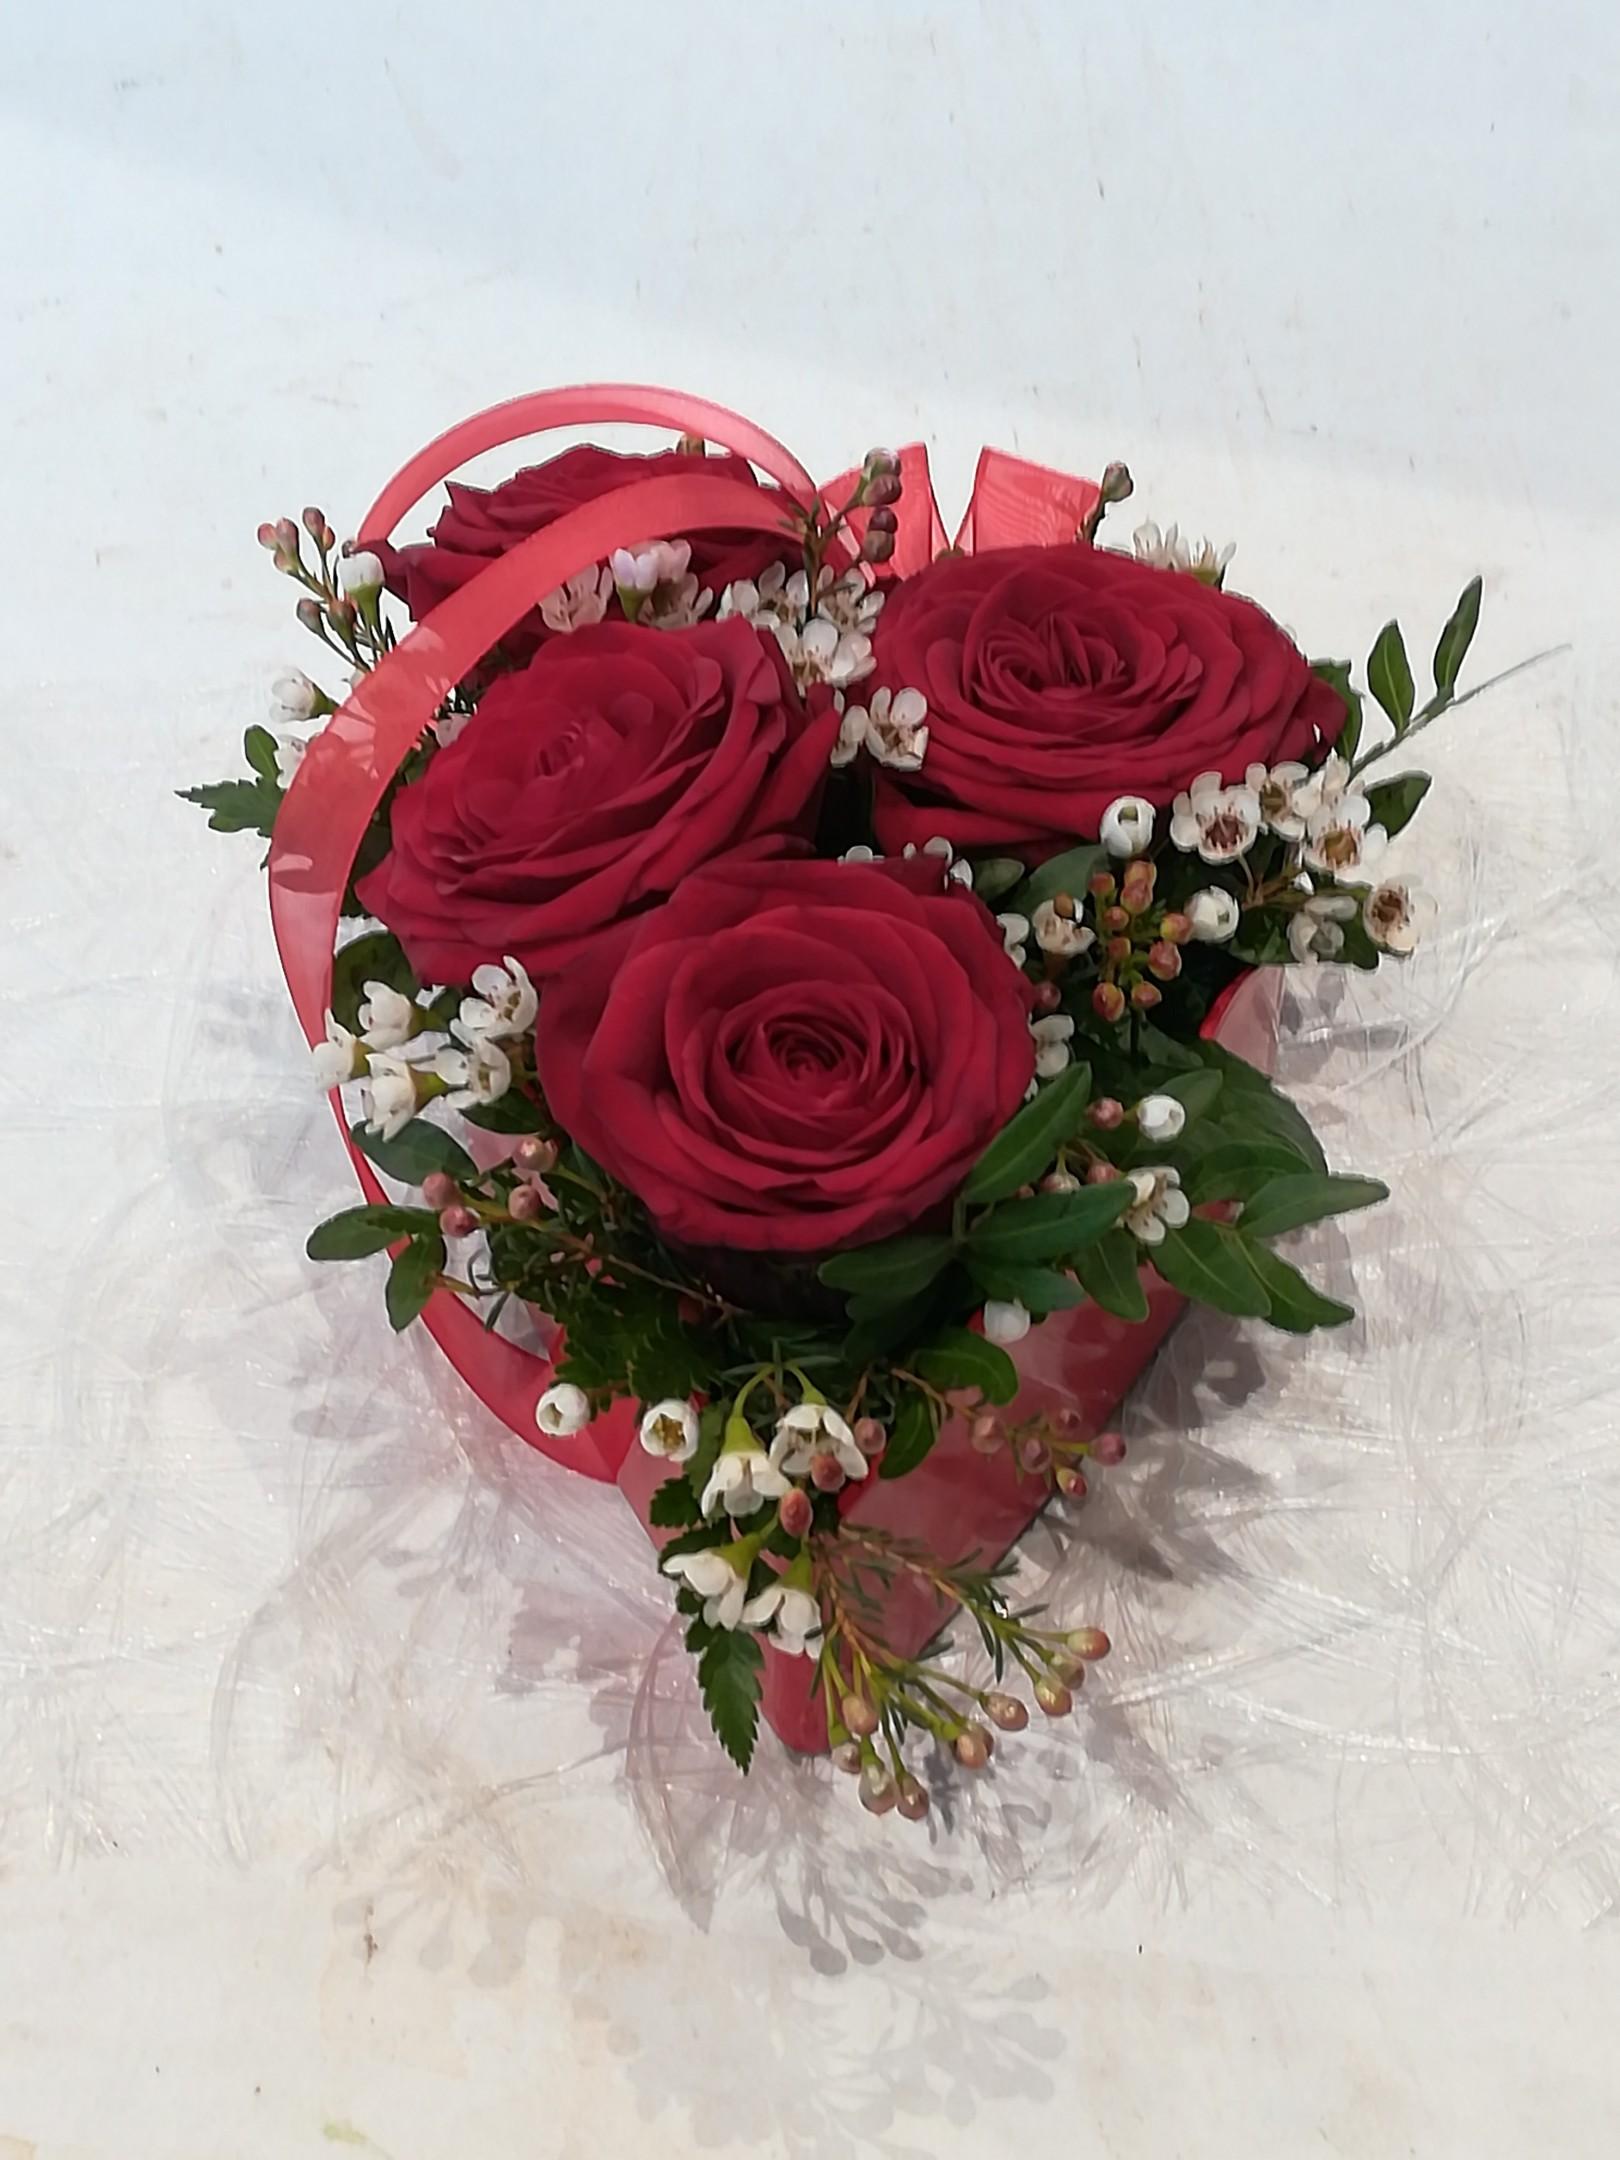 V 6 Herzgefäß gesteckt mit roten Rosen Bild 1